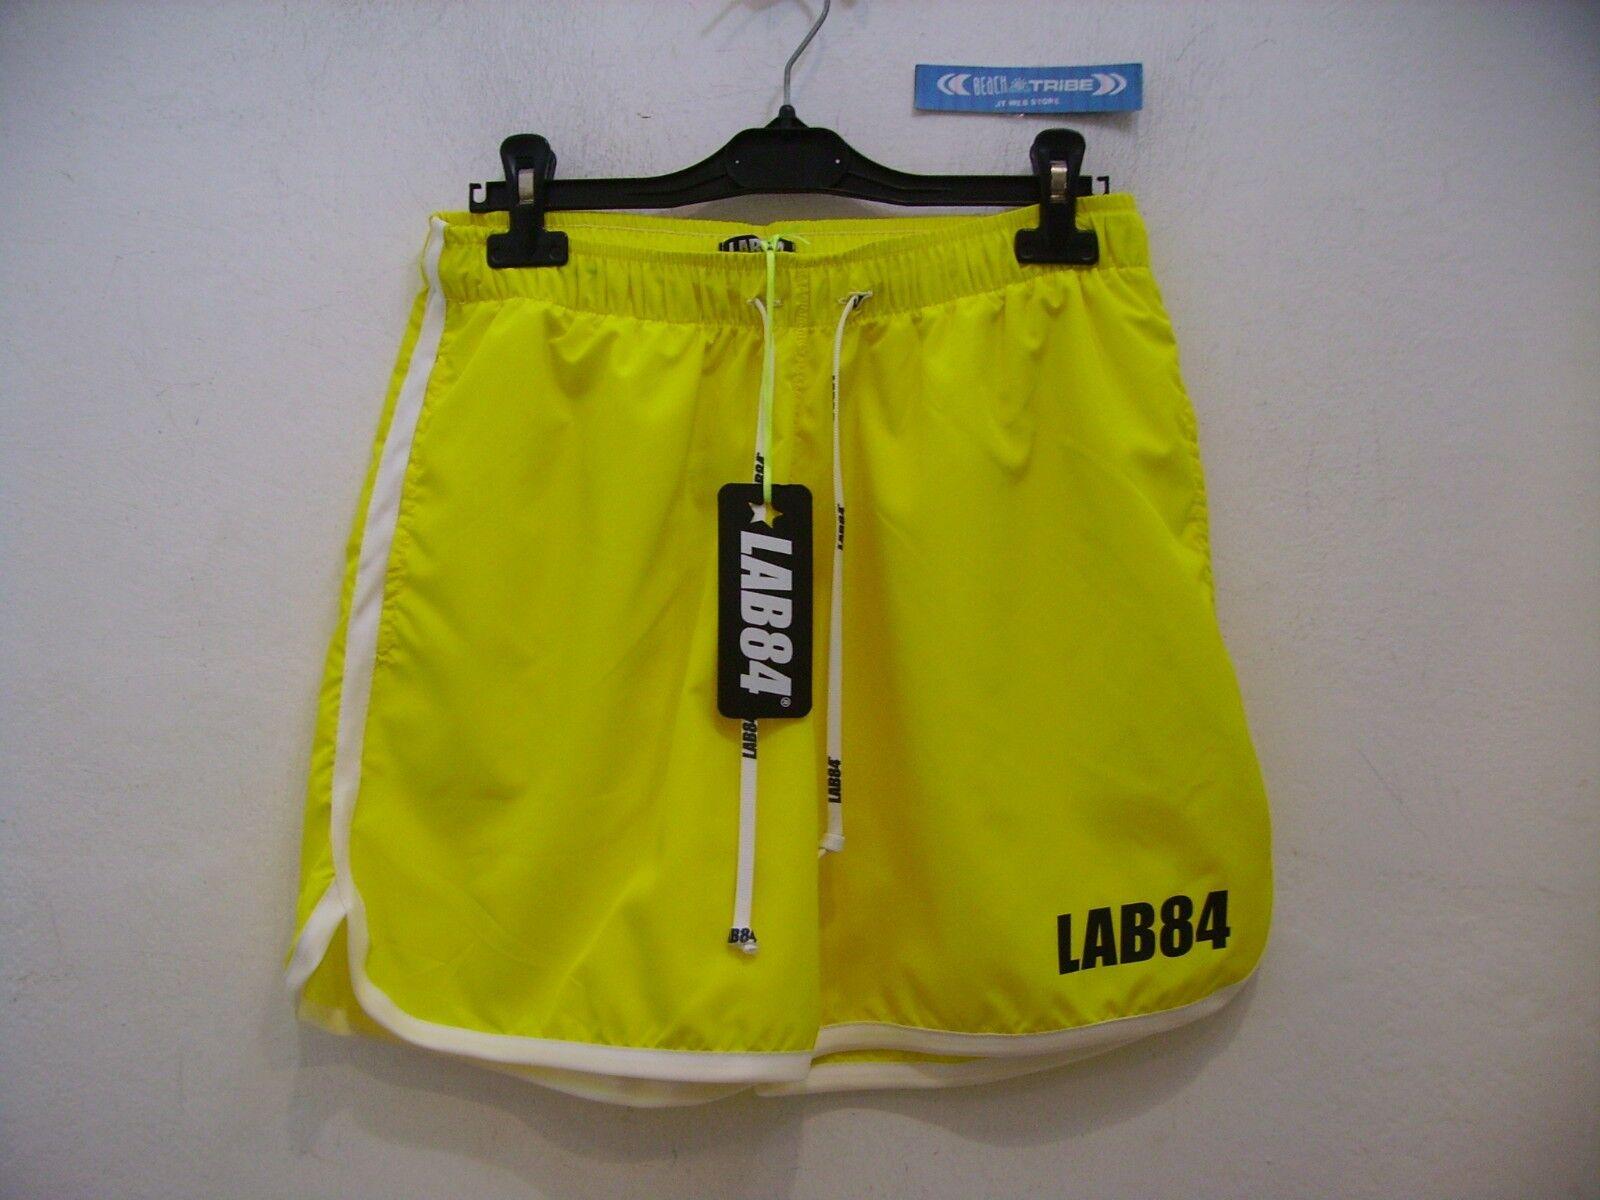 LAB84 Pantalones Cortos Hombre SHM1004BASIC Surf  Bolsillo Corto Amarillo 4058XS  gran selección y entrega rápida